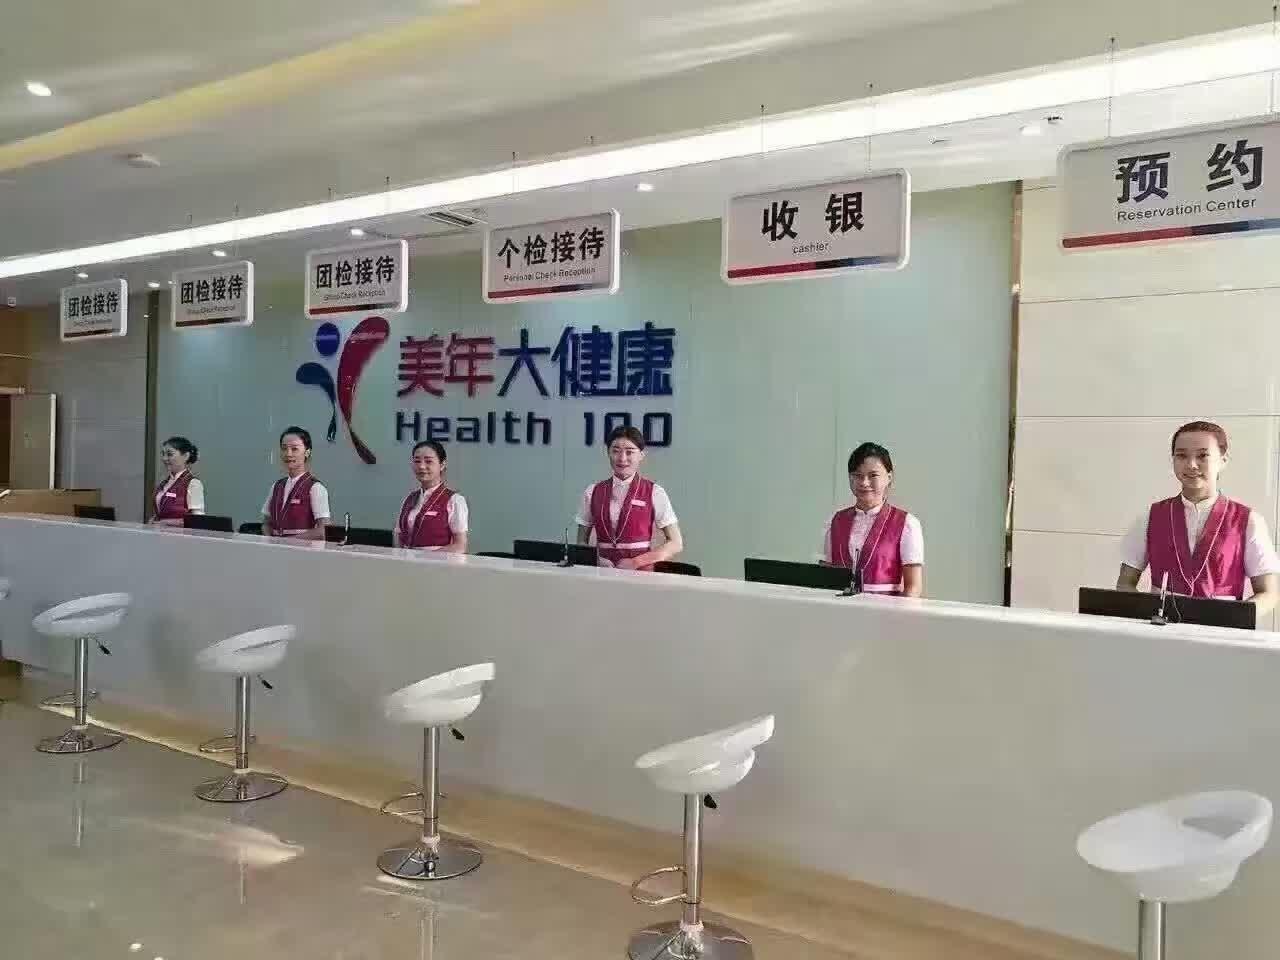 来自高寒发布的商务合作信息:美年大健康,专业体检中心... - 美年大健康产业(集团)有限公司